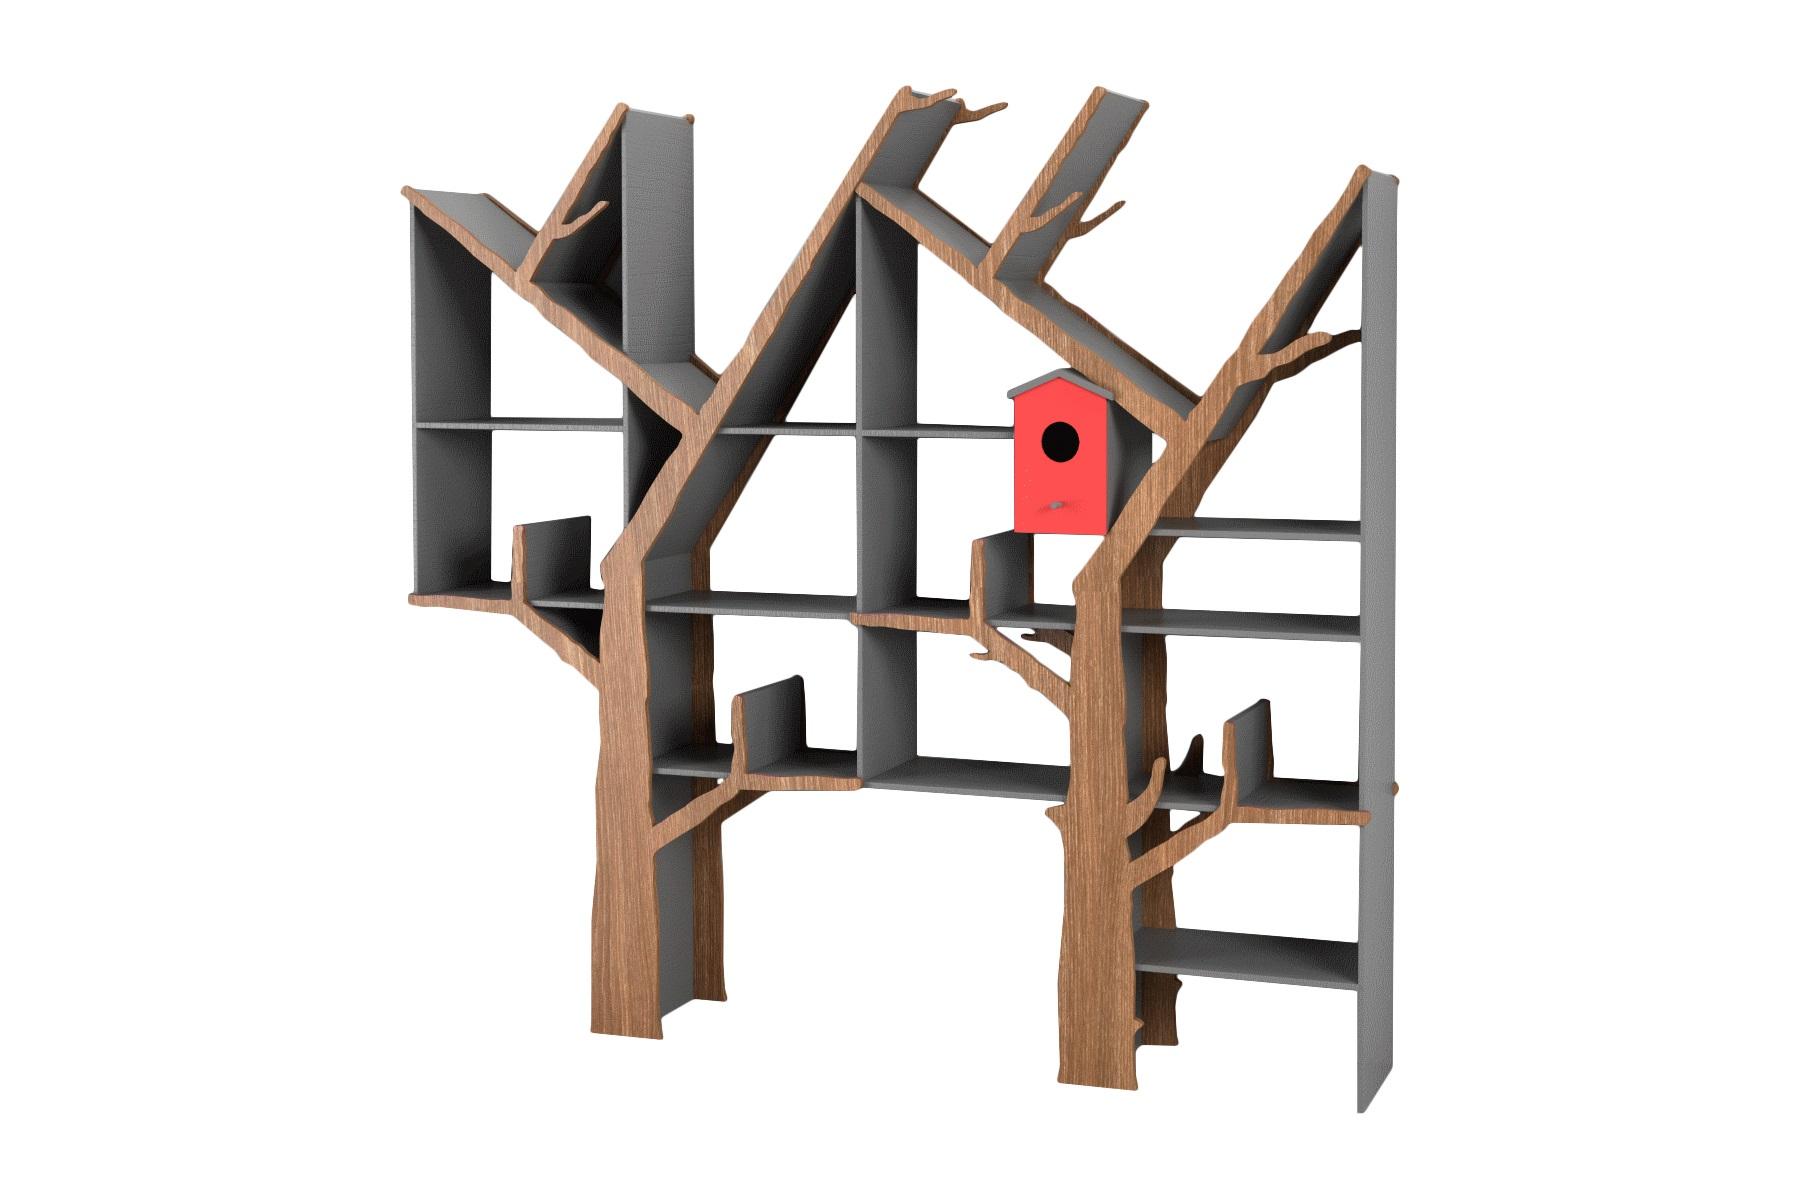 Стеллаж Дерево двойноеСтеллажи и этажерки<br>&amp;lt;div&amp;gt;Креативный двойной стеллаж очень функционален и отлично подойдет для детской или прихожей!&amp;amp;nbsp;&amp;lt;/div&amp;gt;&amp;lt;div&amp;gt;&amp;lt;br&amp;gt;&amp;lt;/div&amp;gt;&amp;lt;div&amp;gt;Материал: МДФ, шпон&amp;amp;nbsp;&amp;lt;/div&amp;gt;<br><br>Material: МДФ<br>Width см: 151<br>Depth см: 24<br>Height см: 150